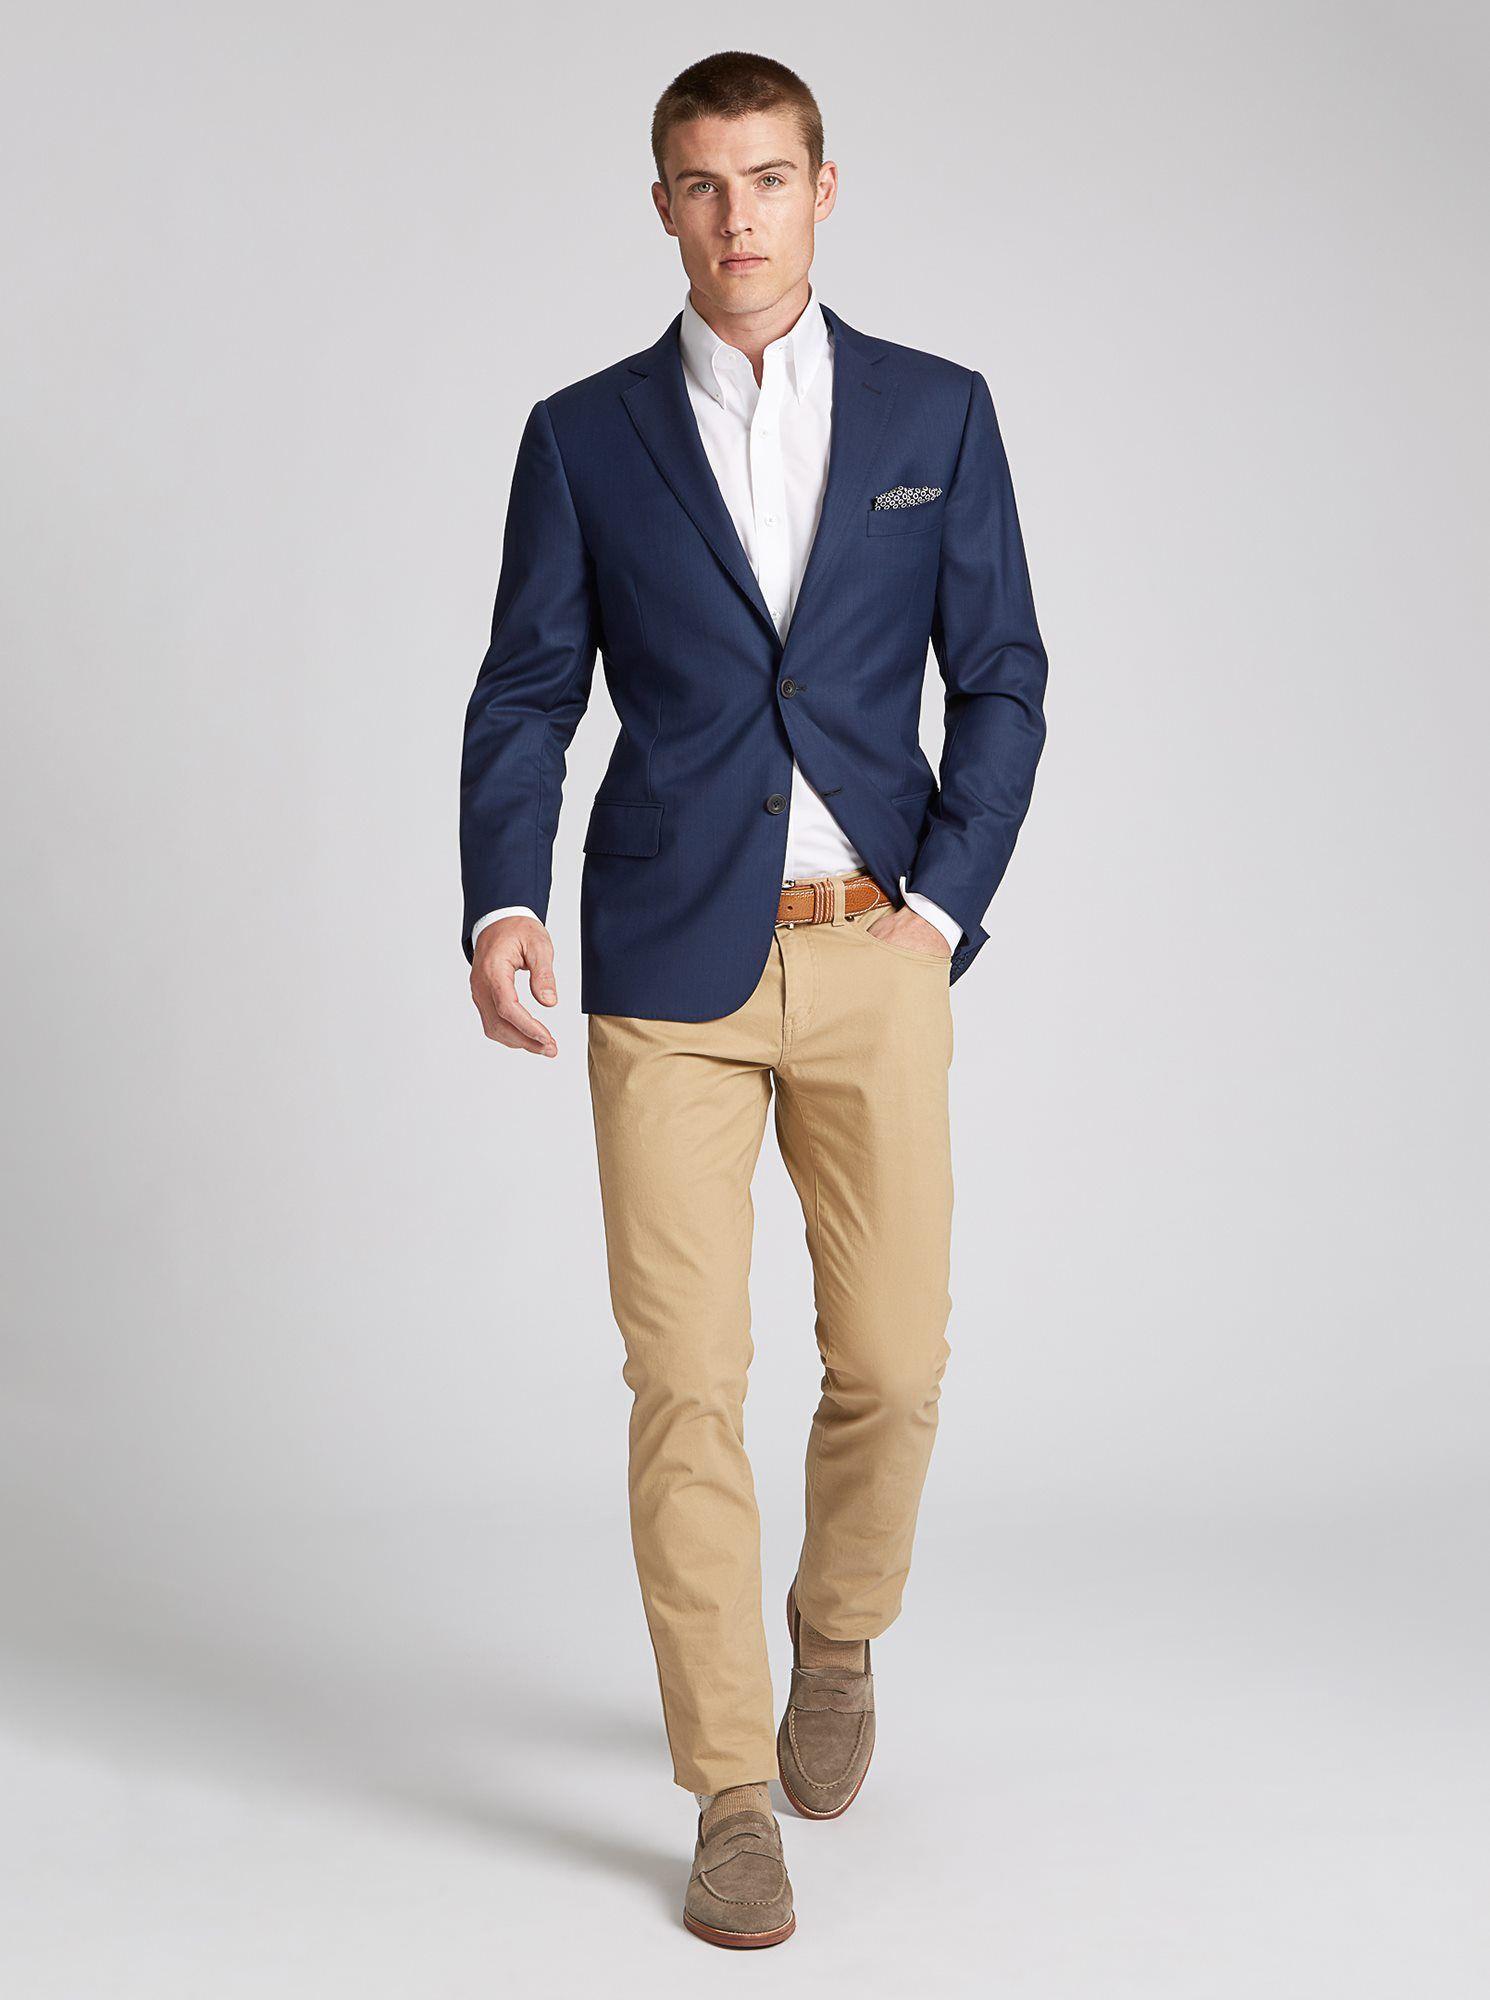 38 1 Suit 4 Ways Blue blazer outfit men, Smart casual